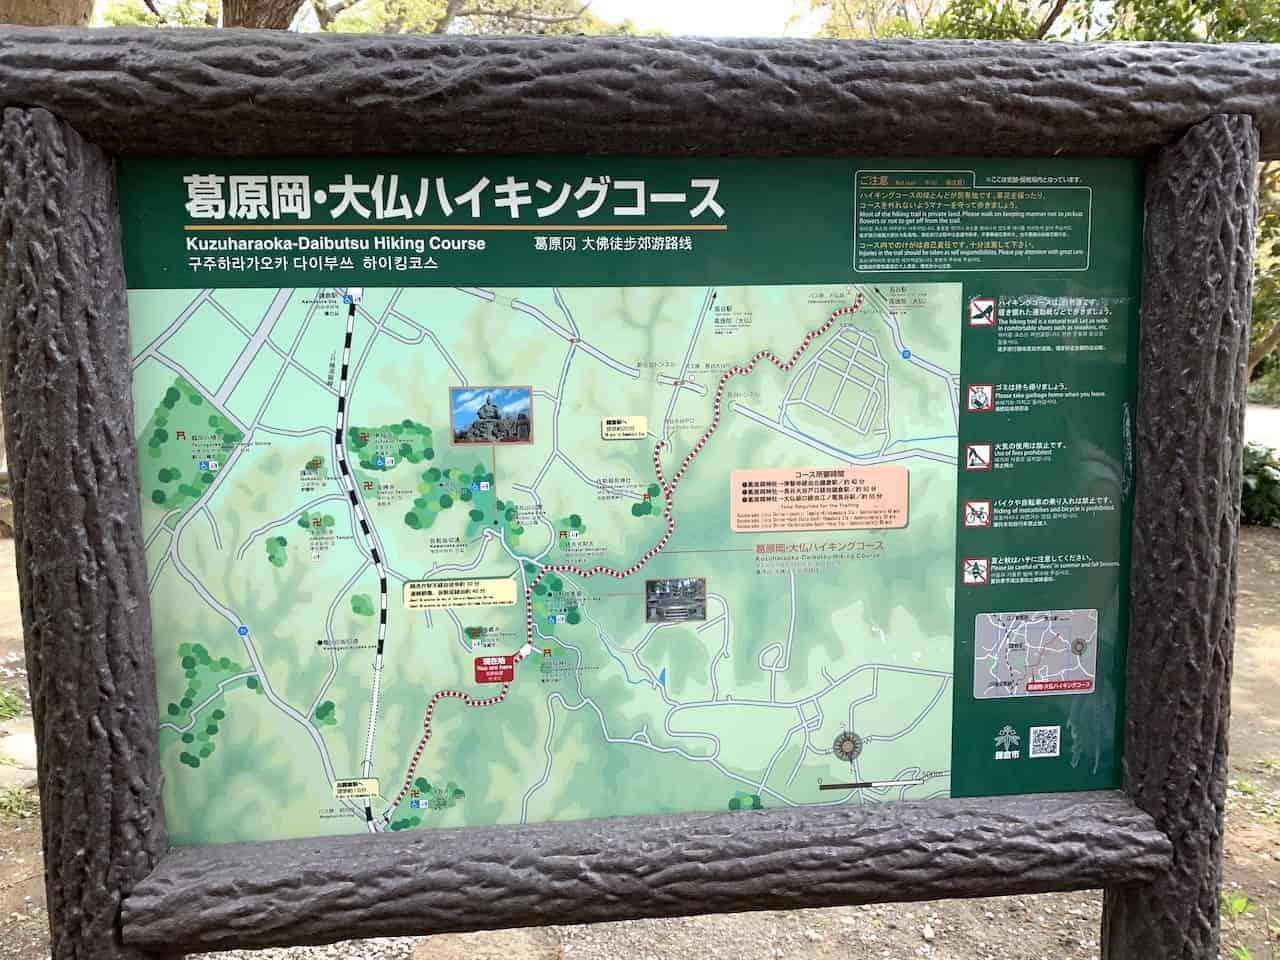 Daibutsu Hiking Course Map